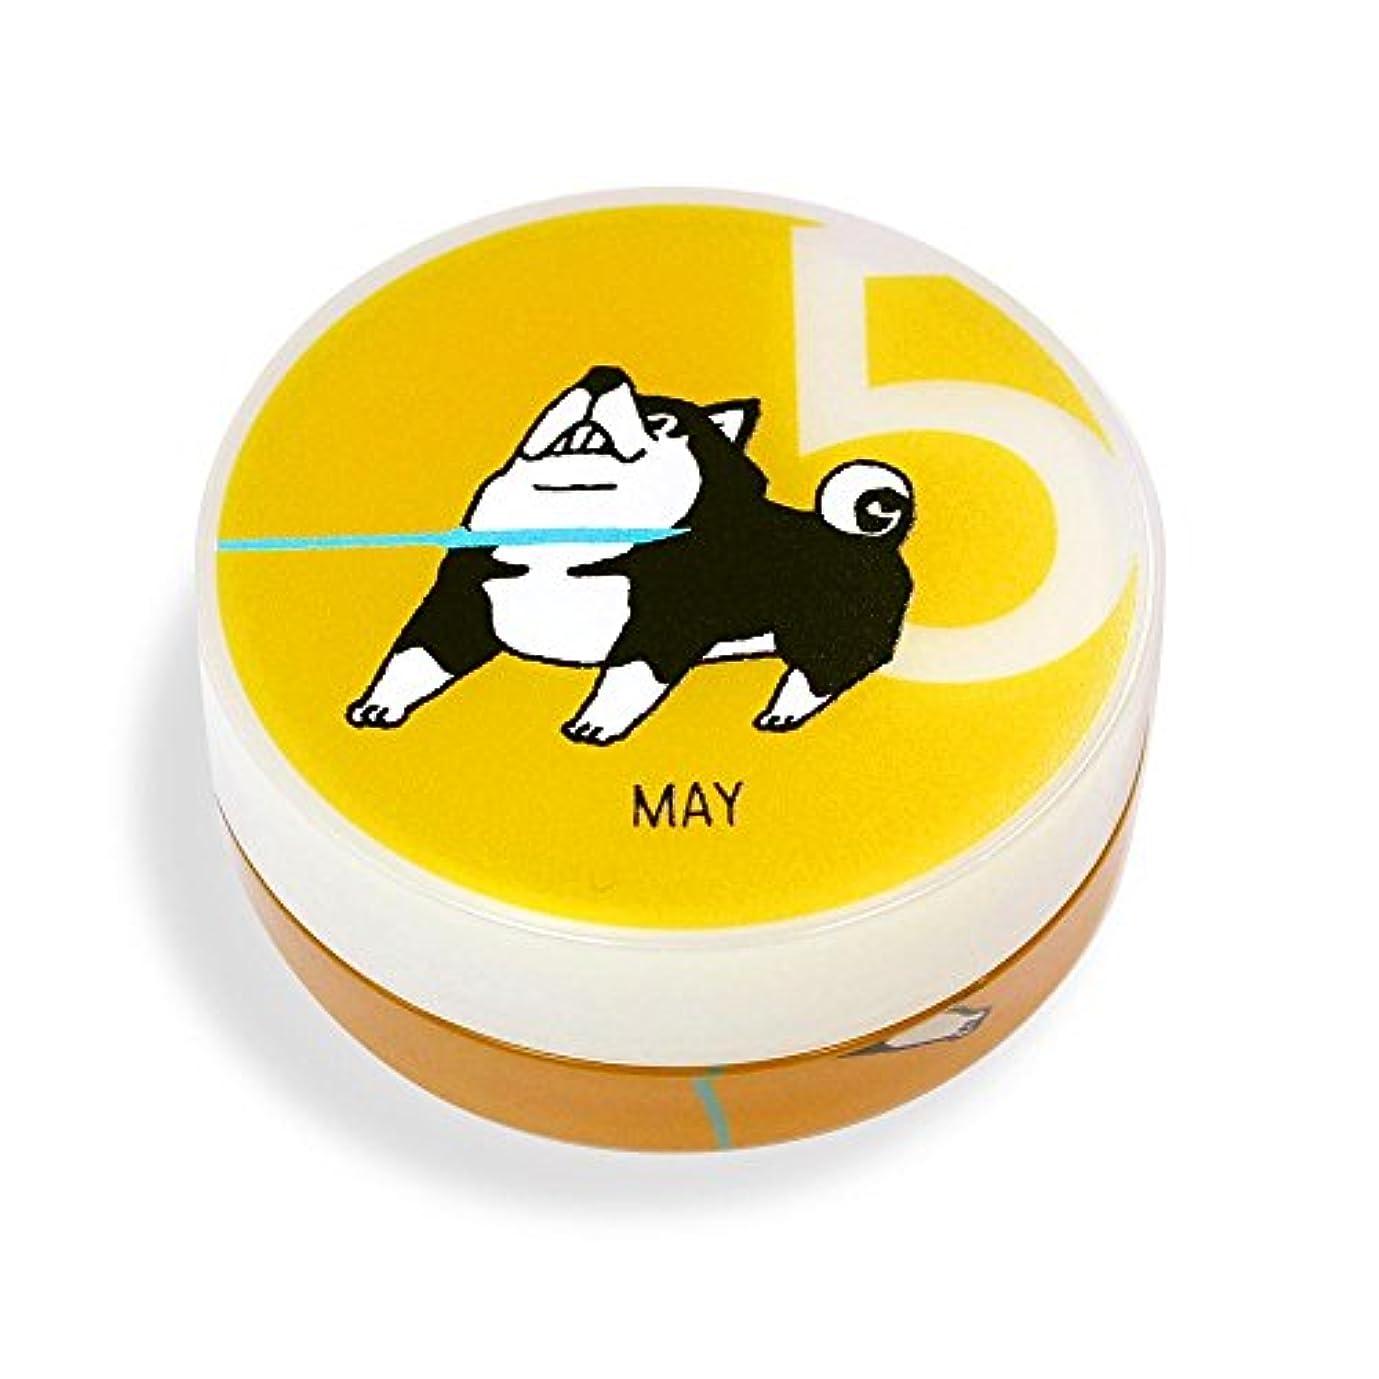 通り抜ける申し立て説明しばんばん フルプルクリーム 誕生月シリーズ 5月 20g